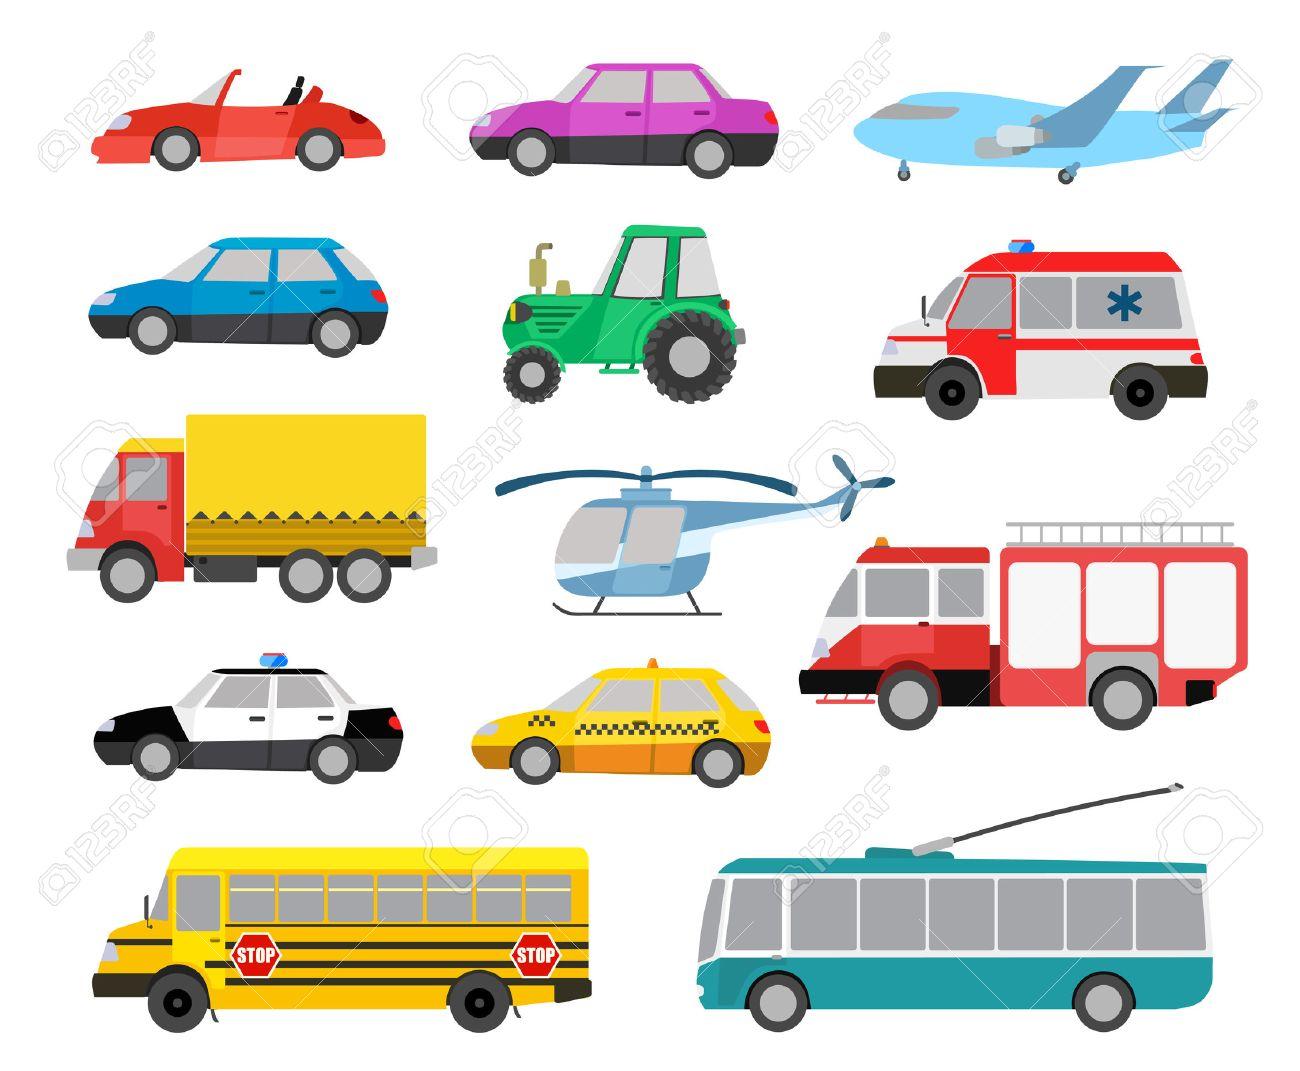 Conjunto De Dibujos Animados Lindos Autos Y Vehiculos Ilustracion